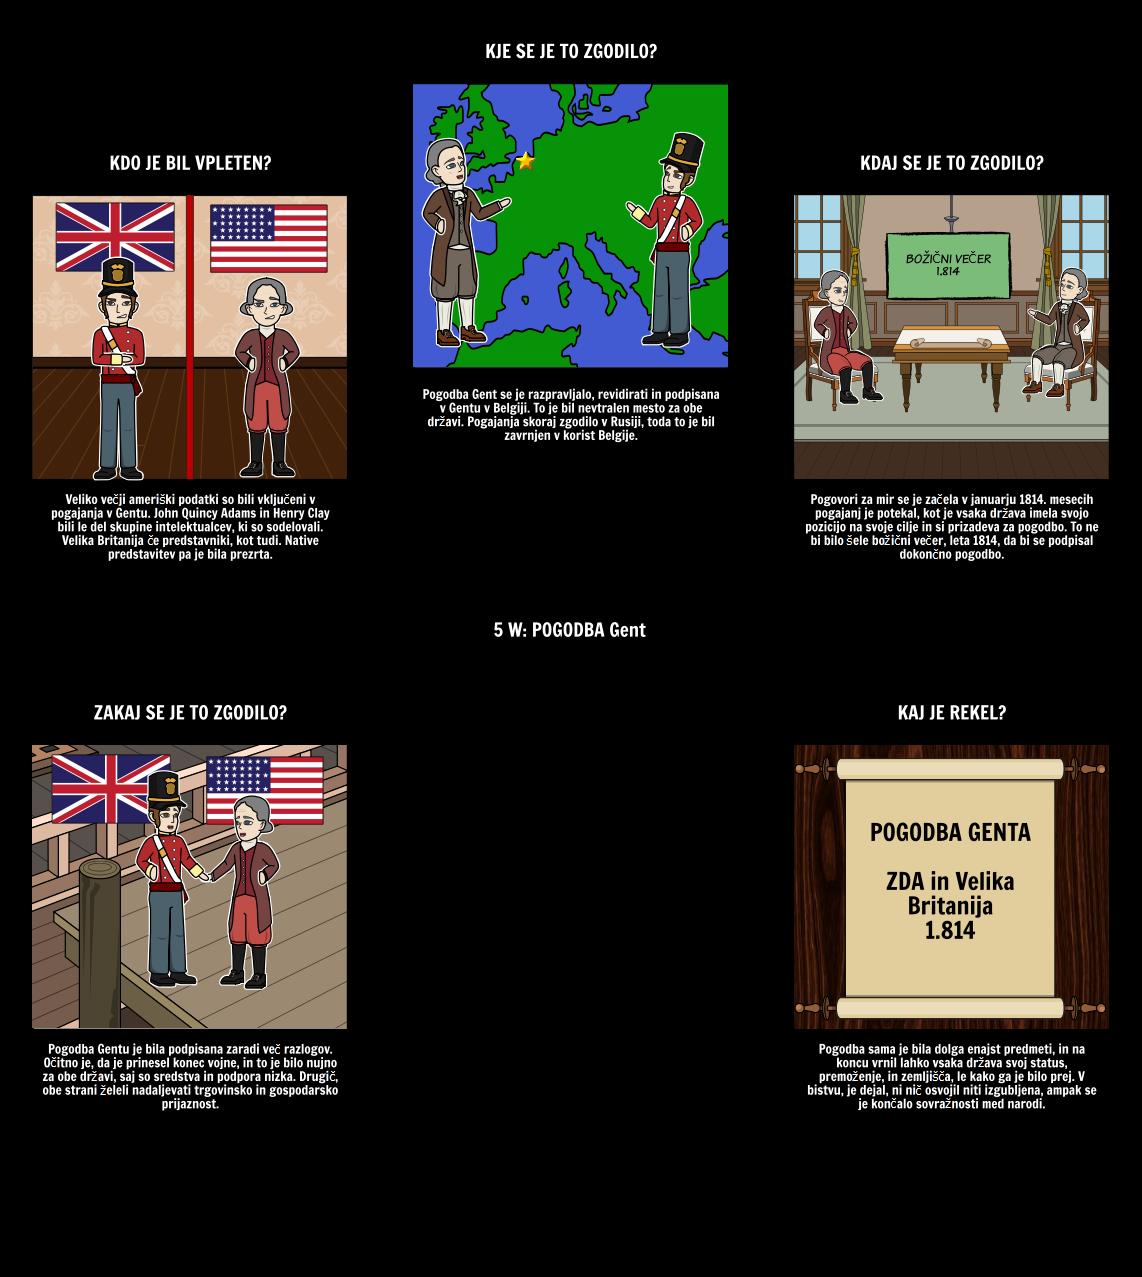 War of 1812 - 5 Ws pogodbe Gentu